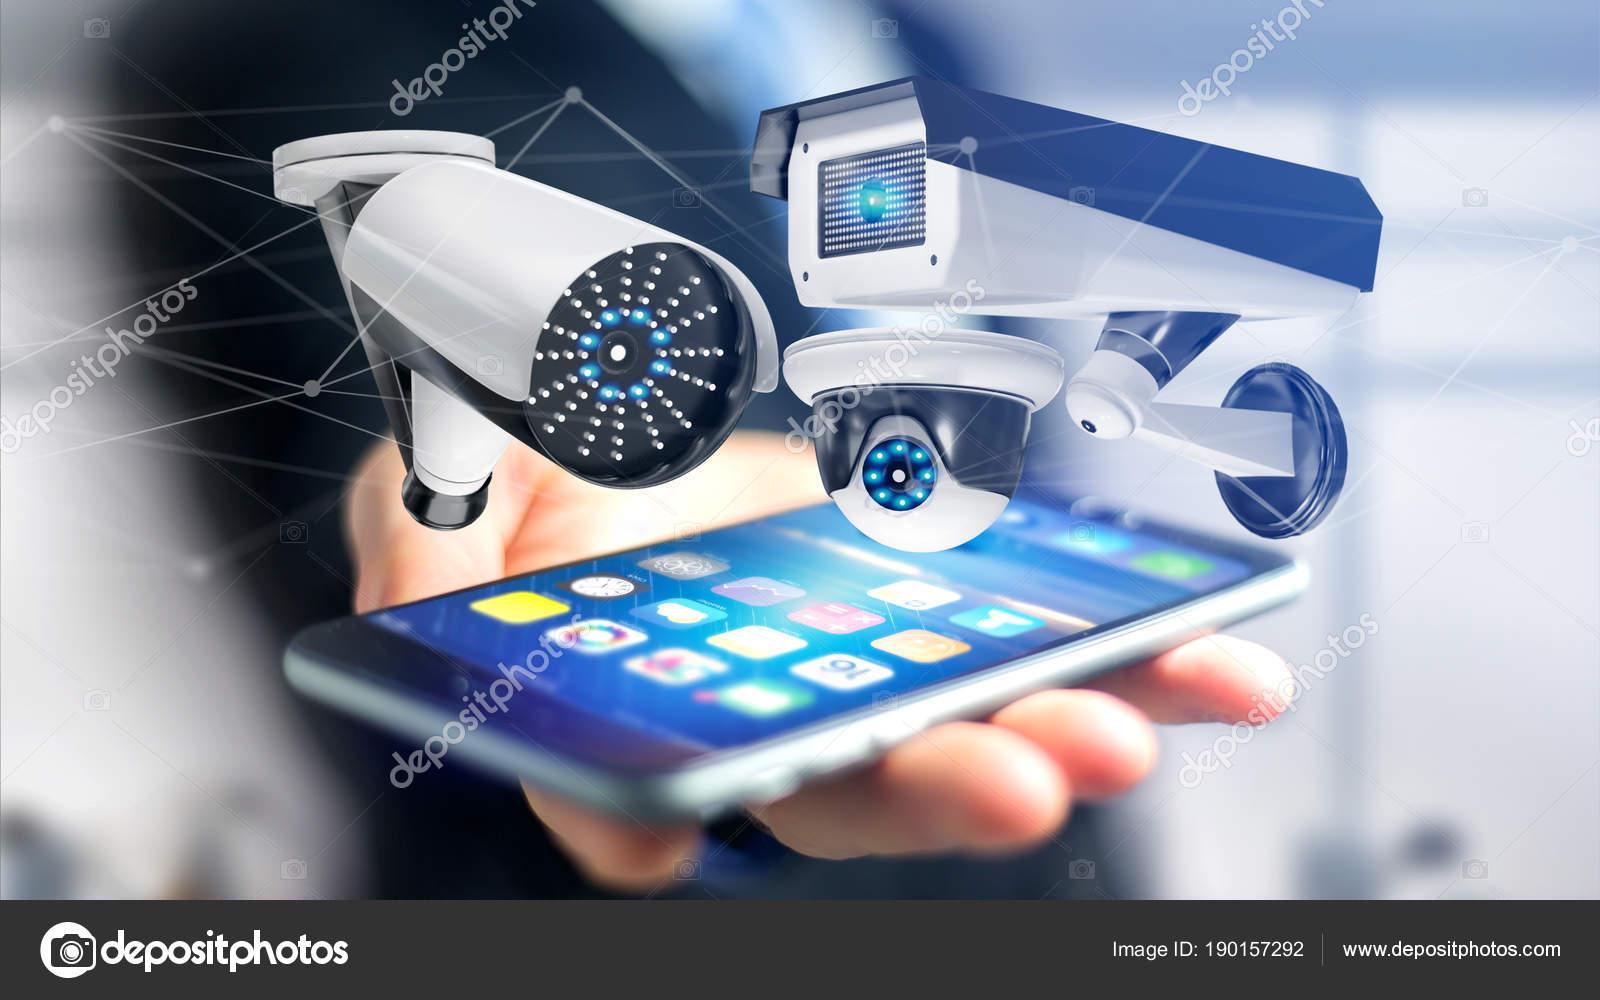 Visão Homem Usando Smartphone Com Conexão Rede Sistema Câmeras Segurança —  Fotografia de Stock 12a08ad615